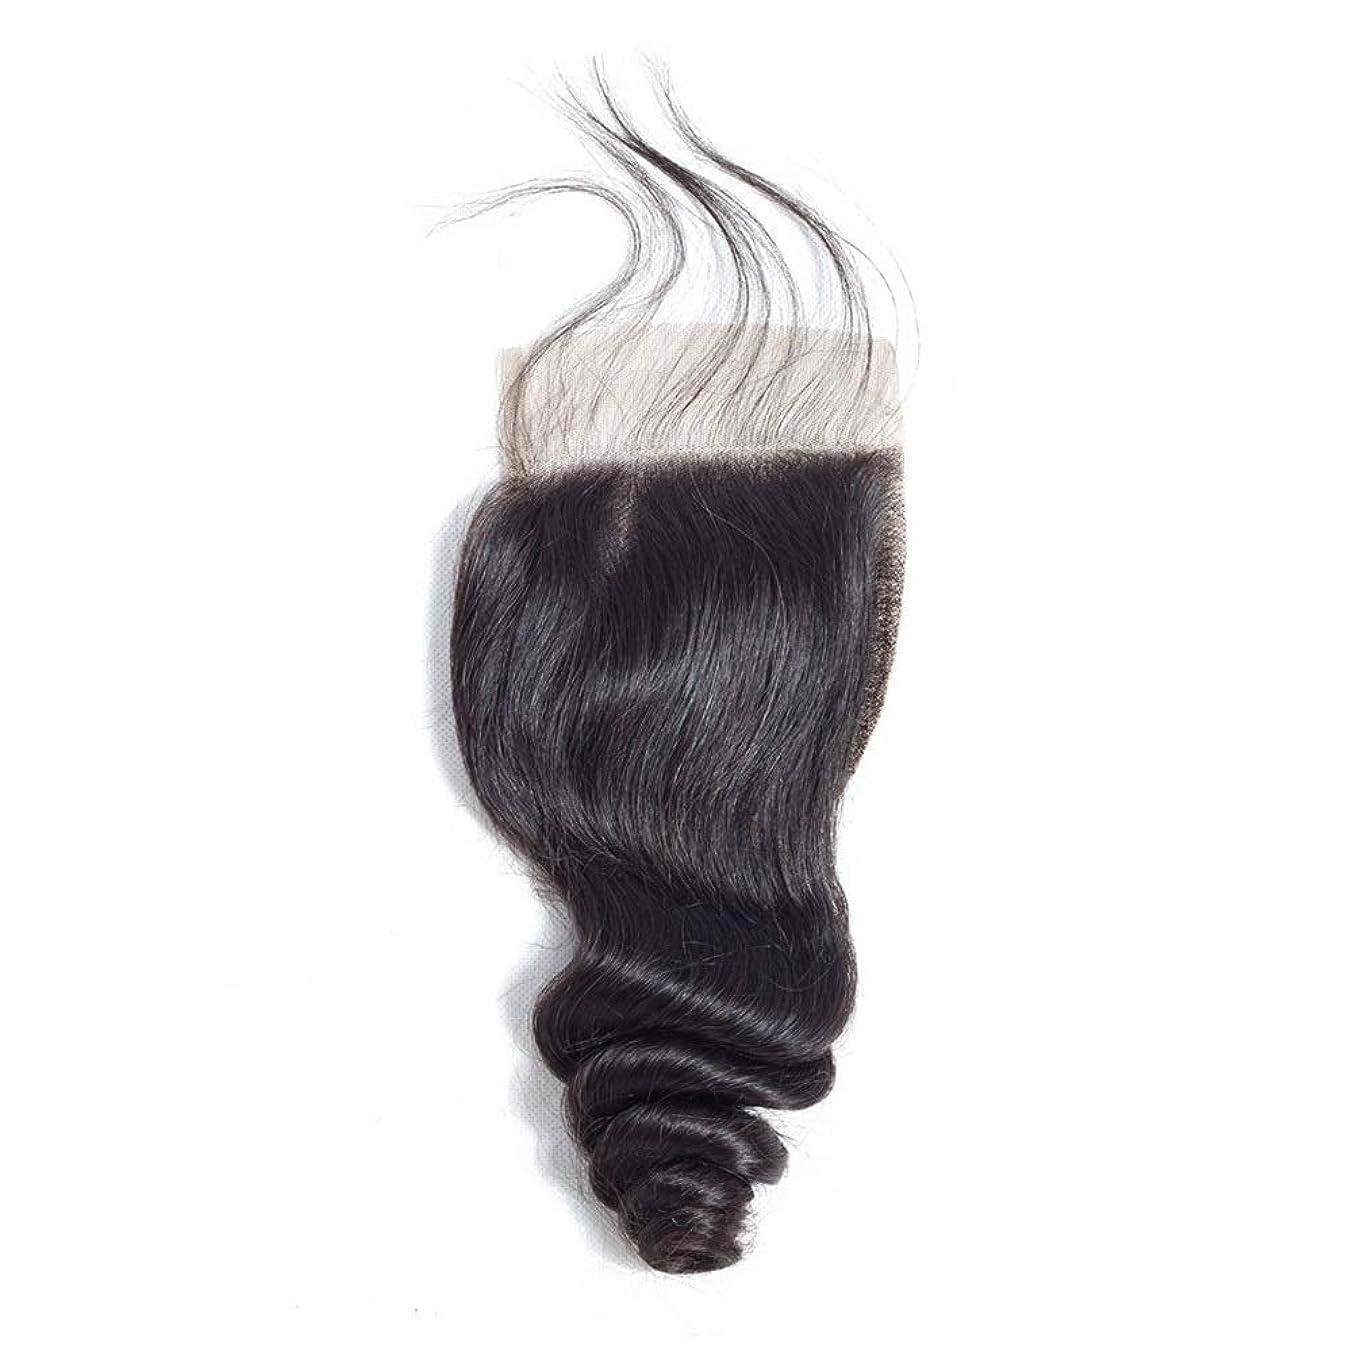 ホバー次玉HOHYLLYA レースの閉鎖ブラジルの緩い波の髪4×4インチの自由な部分の閉鎖リアル人間の髪の毛の自然な色の長い巻き毛のかつら (色 : 黒, サイズ : 20 inch)